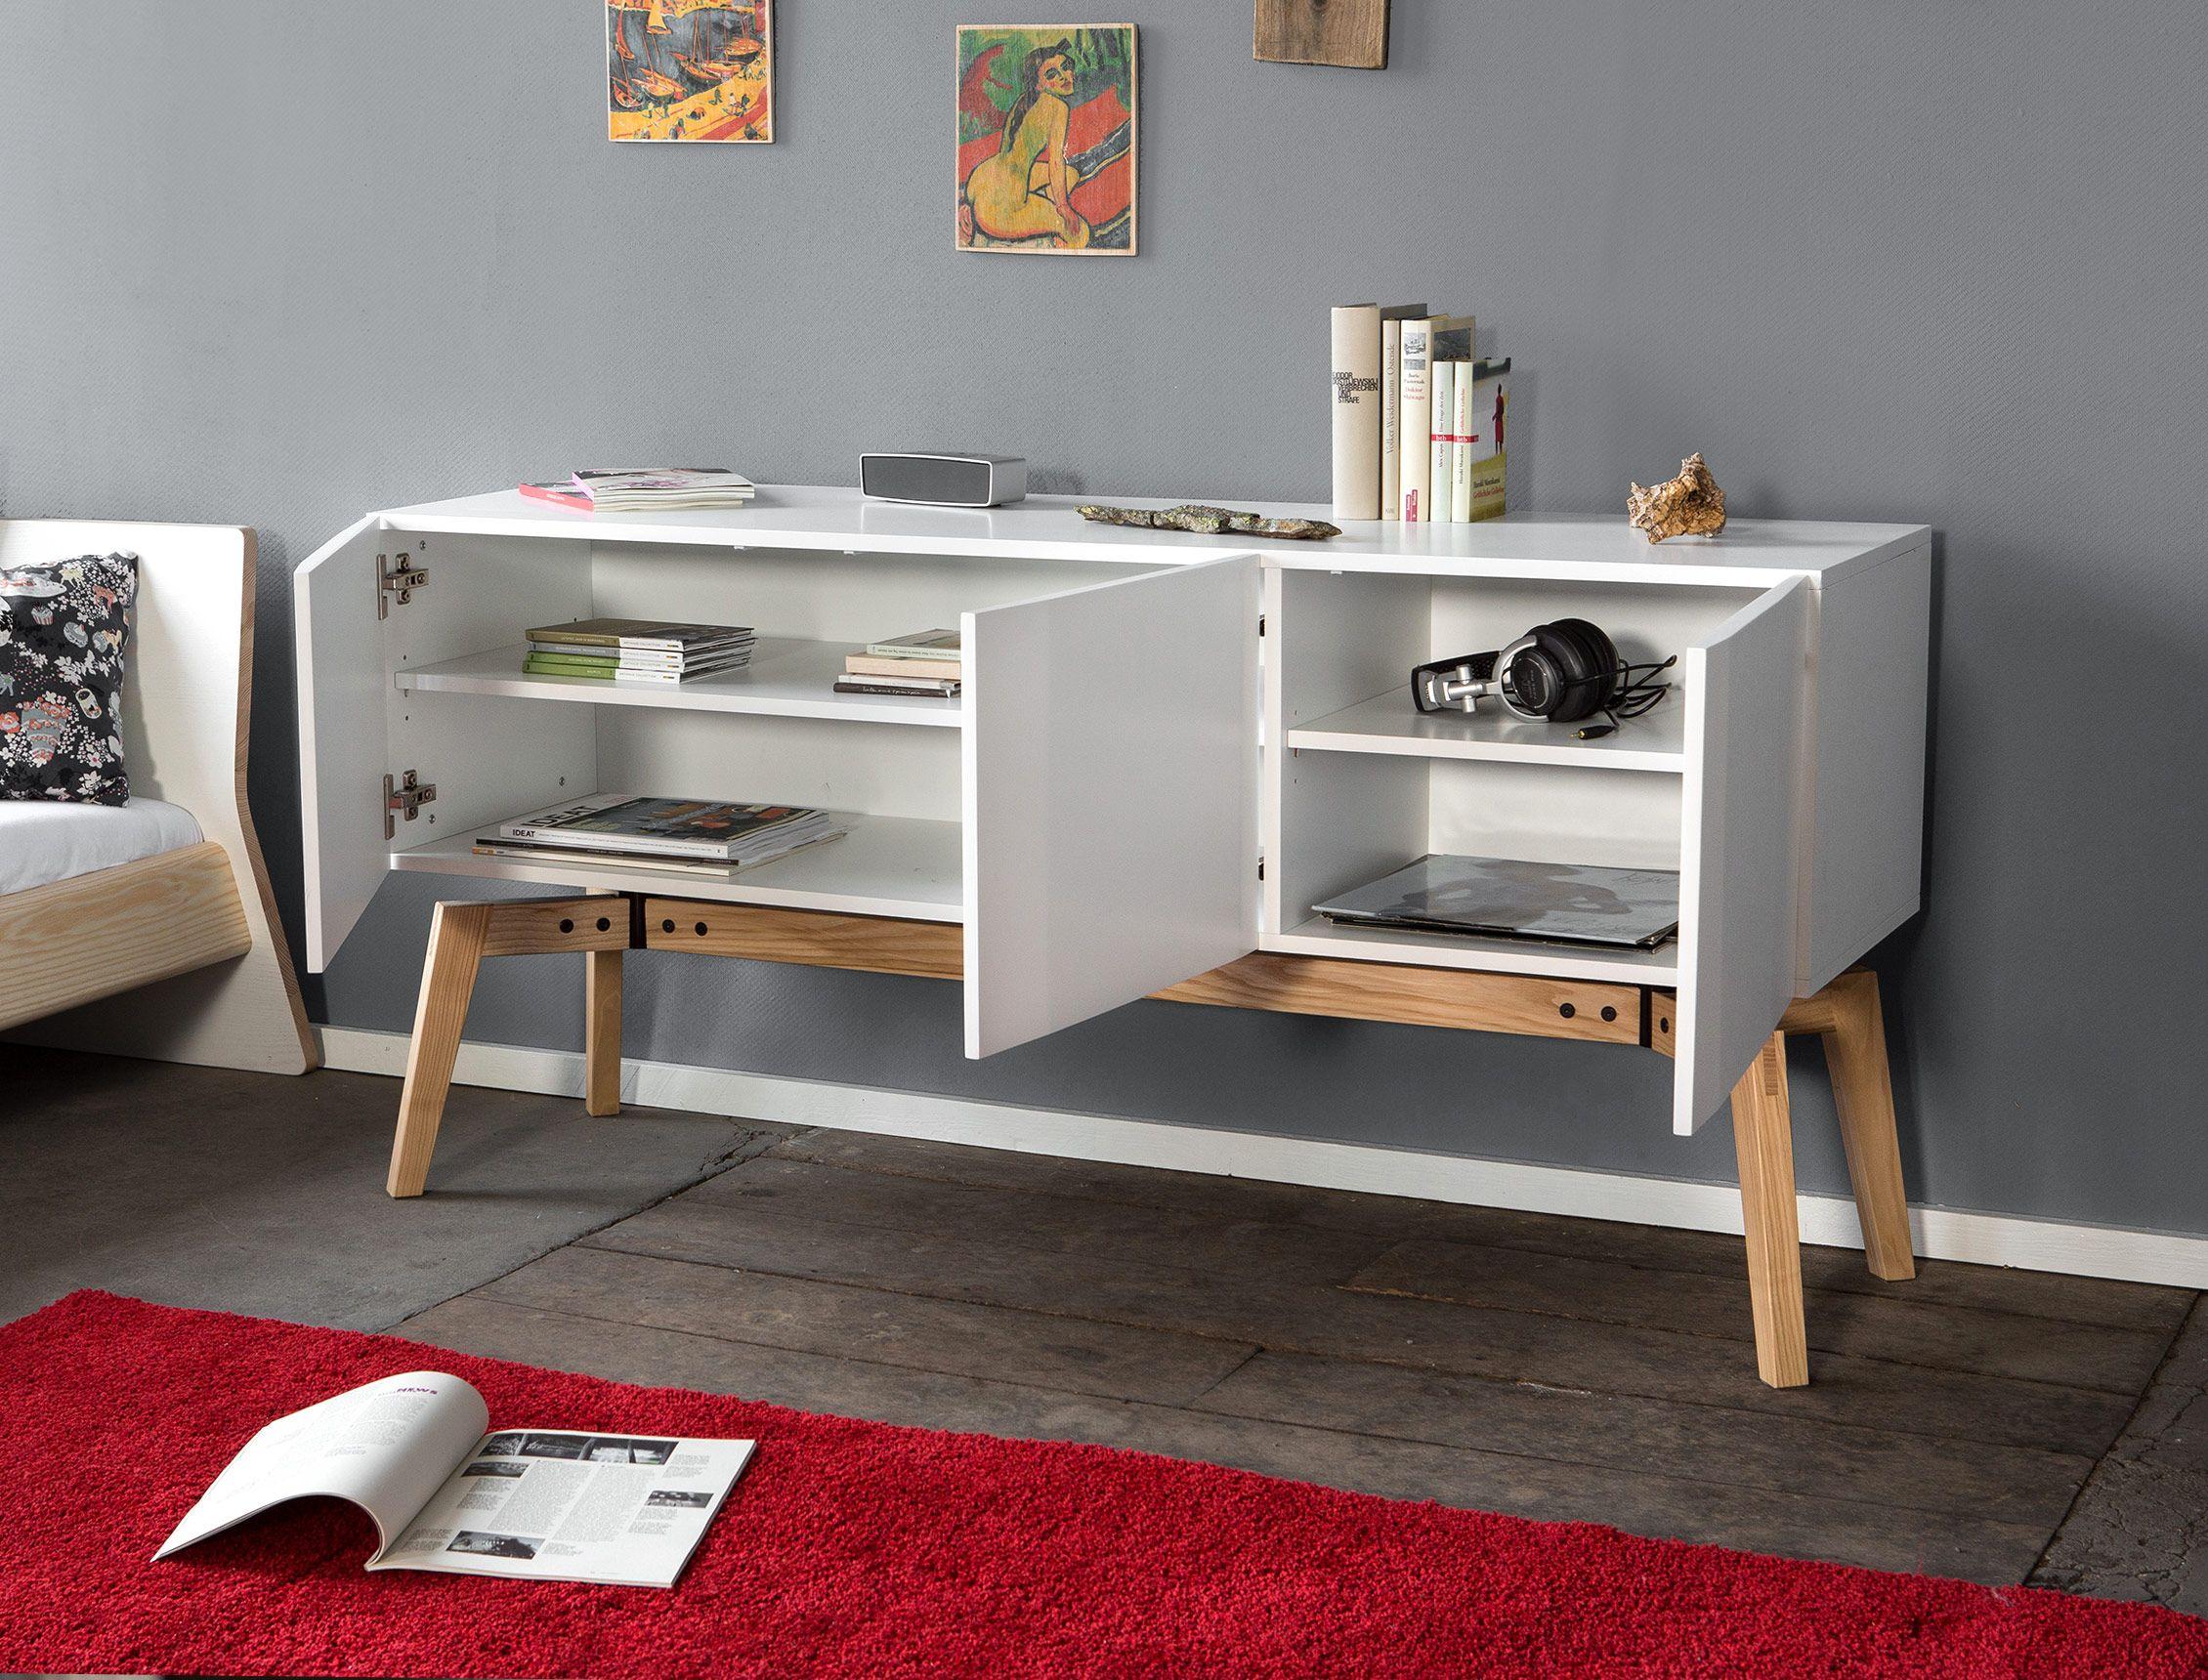 Designermöbel im von Design, Einrichtung und